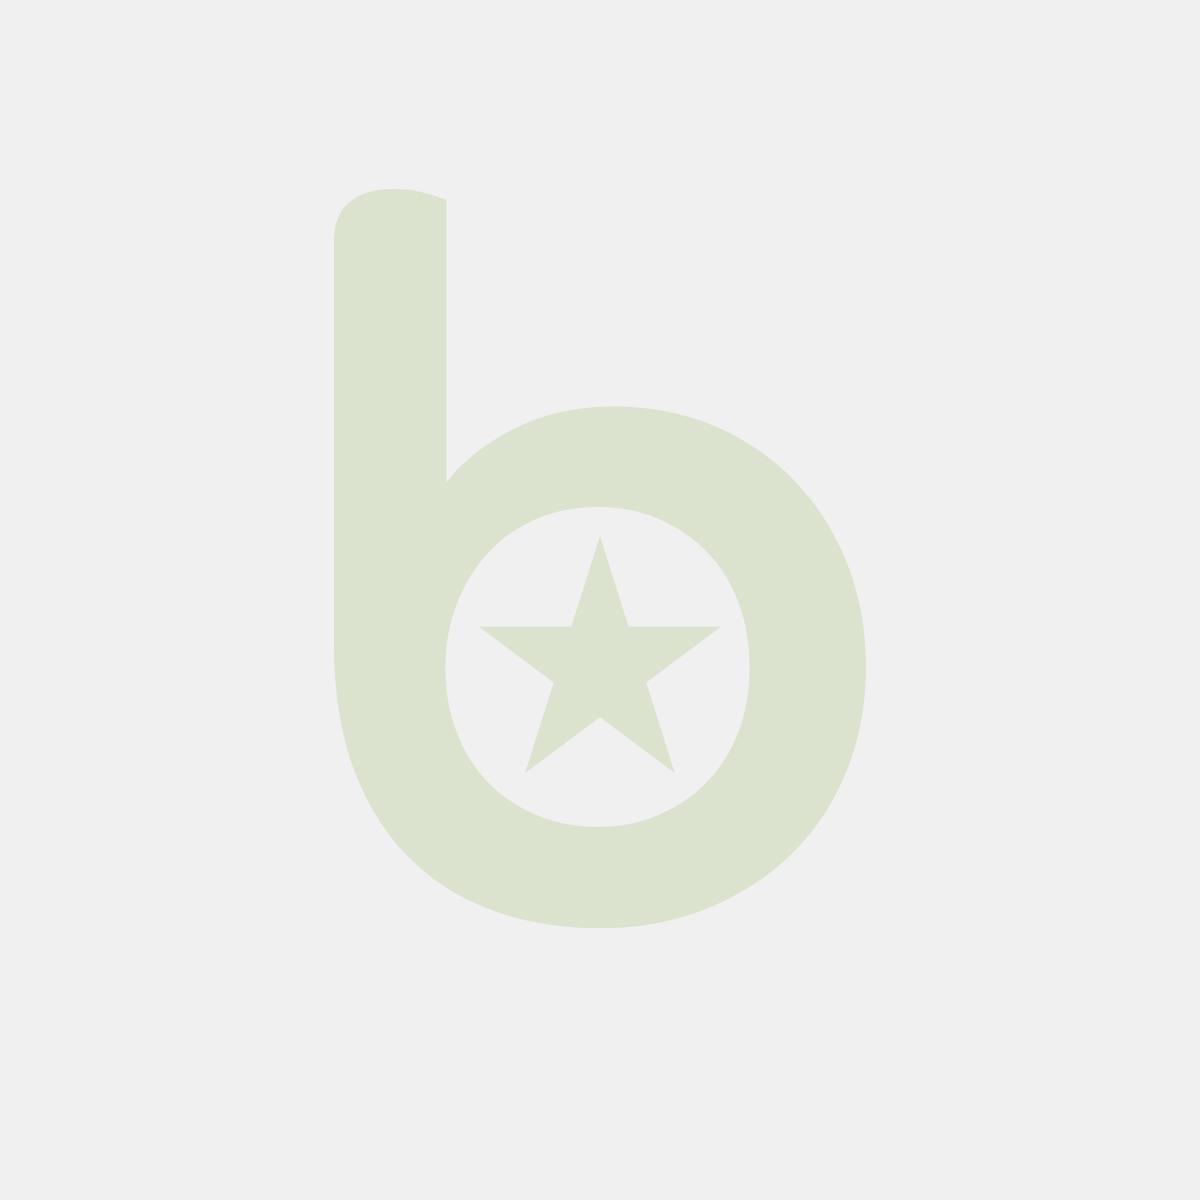 Podajnik do bloczków samoprzylepnych ekologiczny POST-IT® Z-Notes (R330-SD) z 12 bloczkami 76x76mm